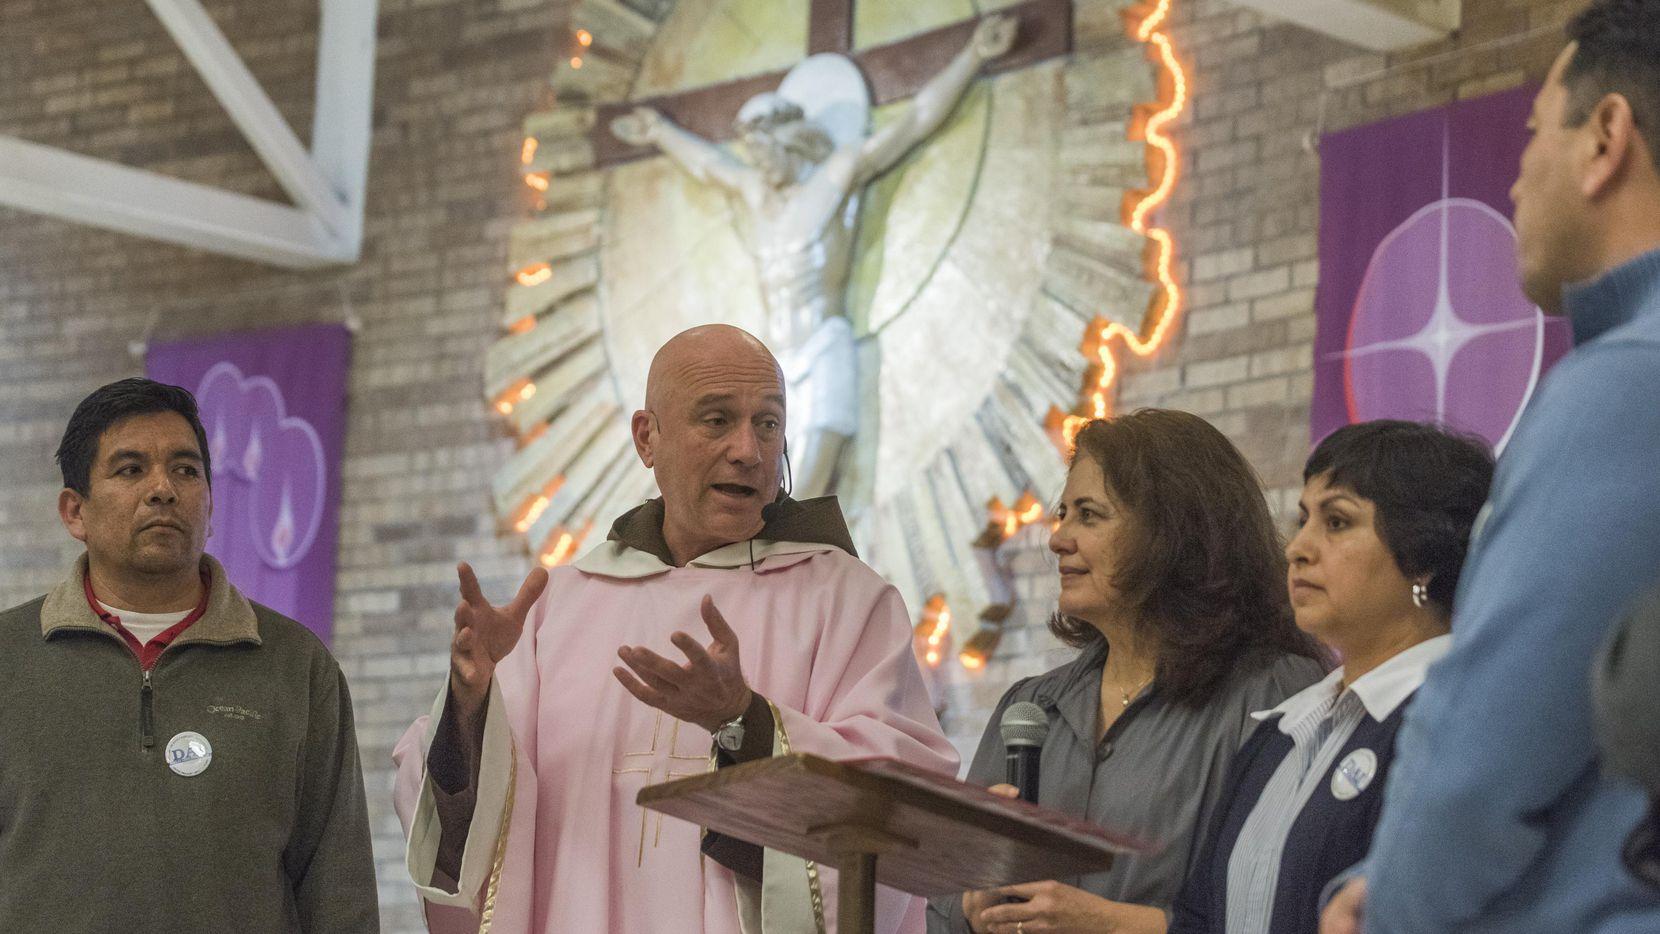 El padre Luis Gerardo Arraiza, de la iglesia Nuestra Señora de Lourdes, incentiva a los miembros de su congregación para que obtengan la ciudadanía.  REX CURRY/DMN